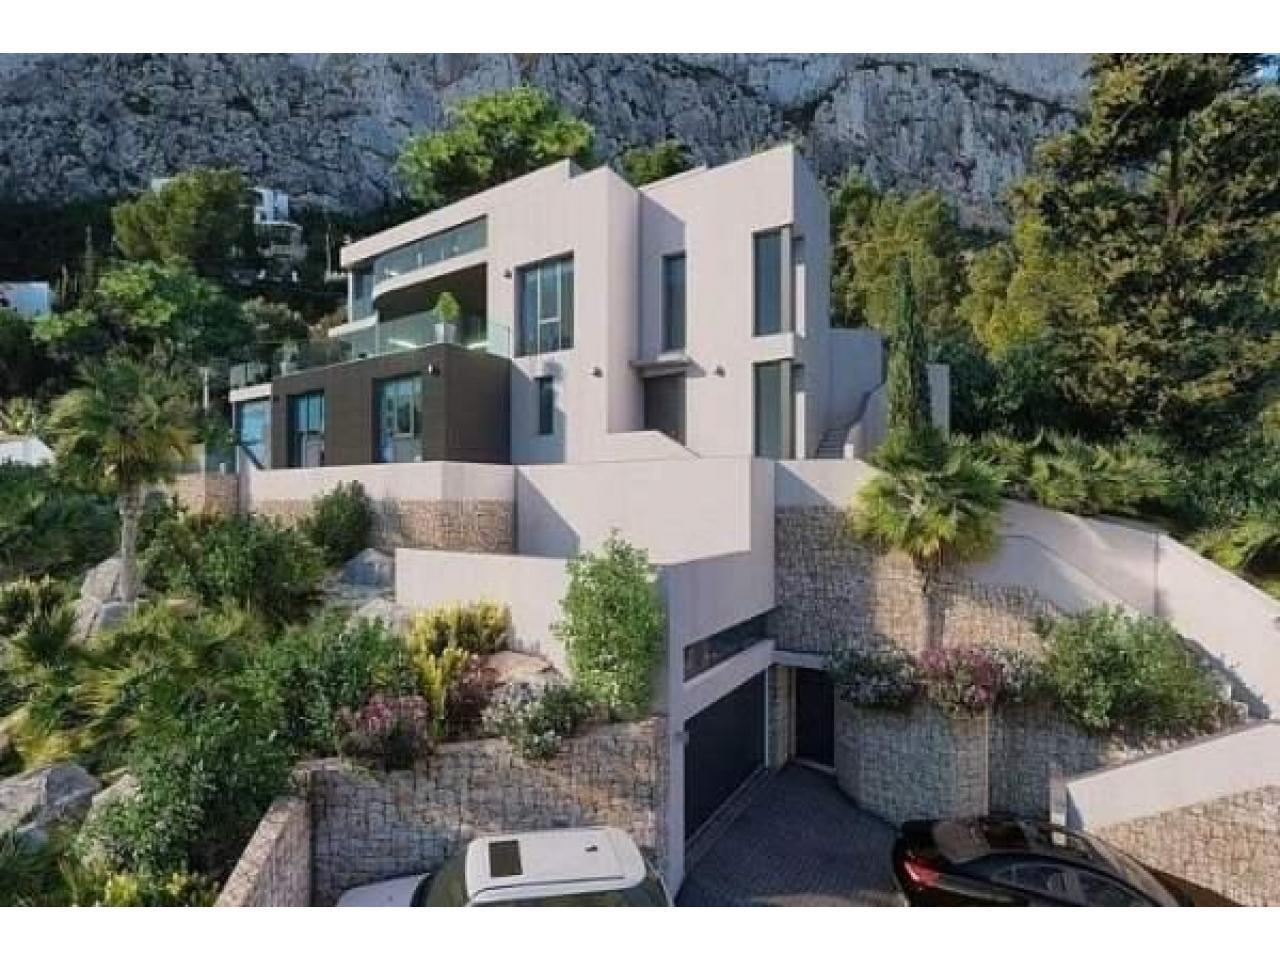 Недвижимость в Испании, Новая вилла с видами на море от застройщика в Кальпе - 5